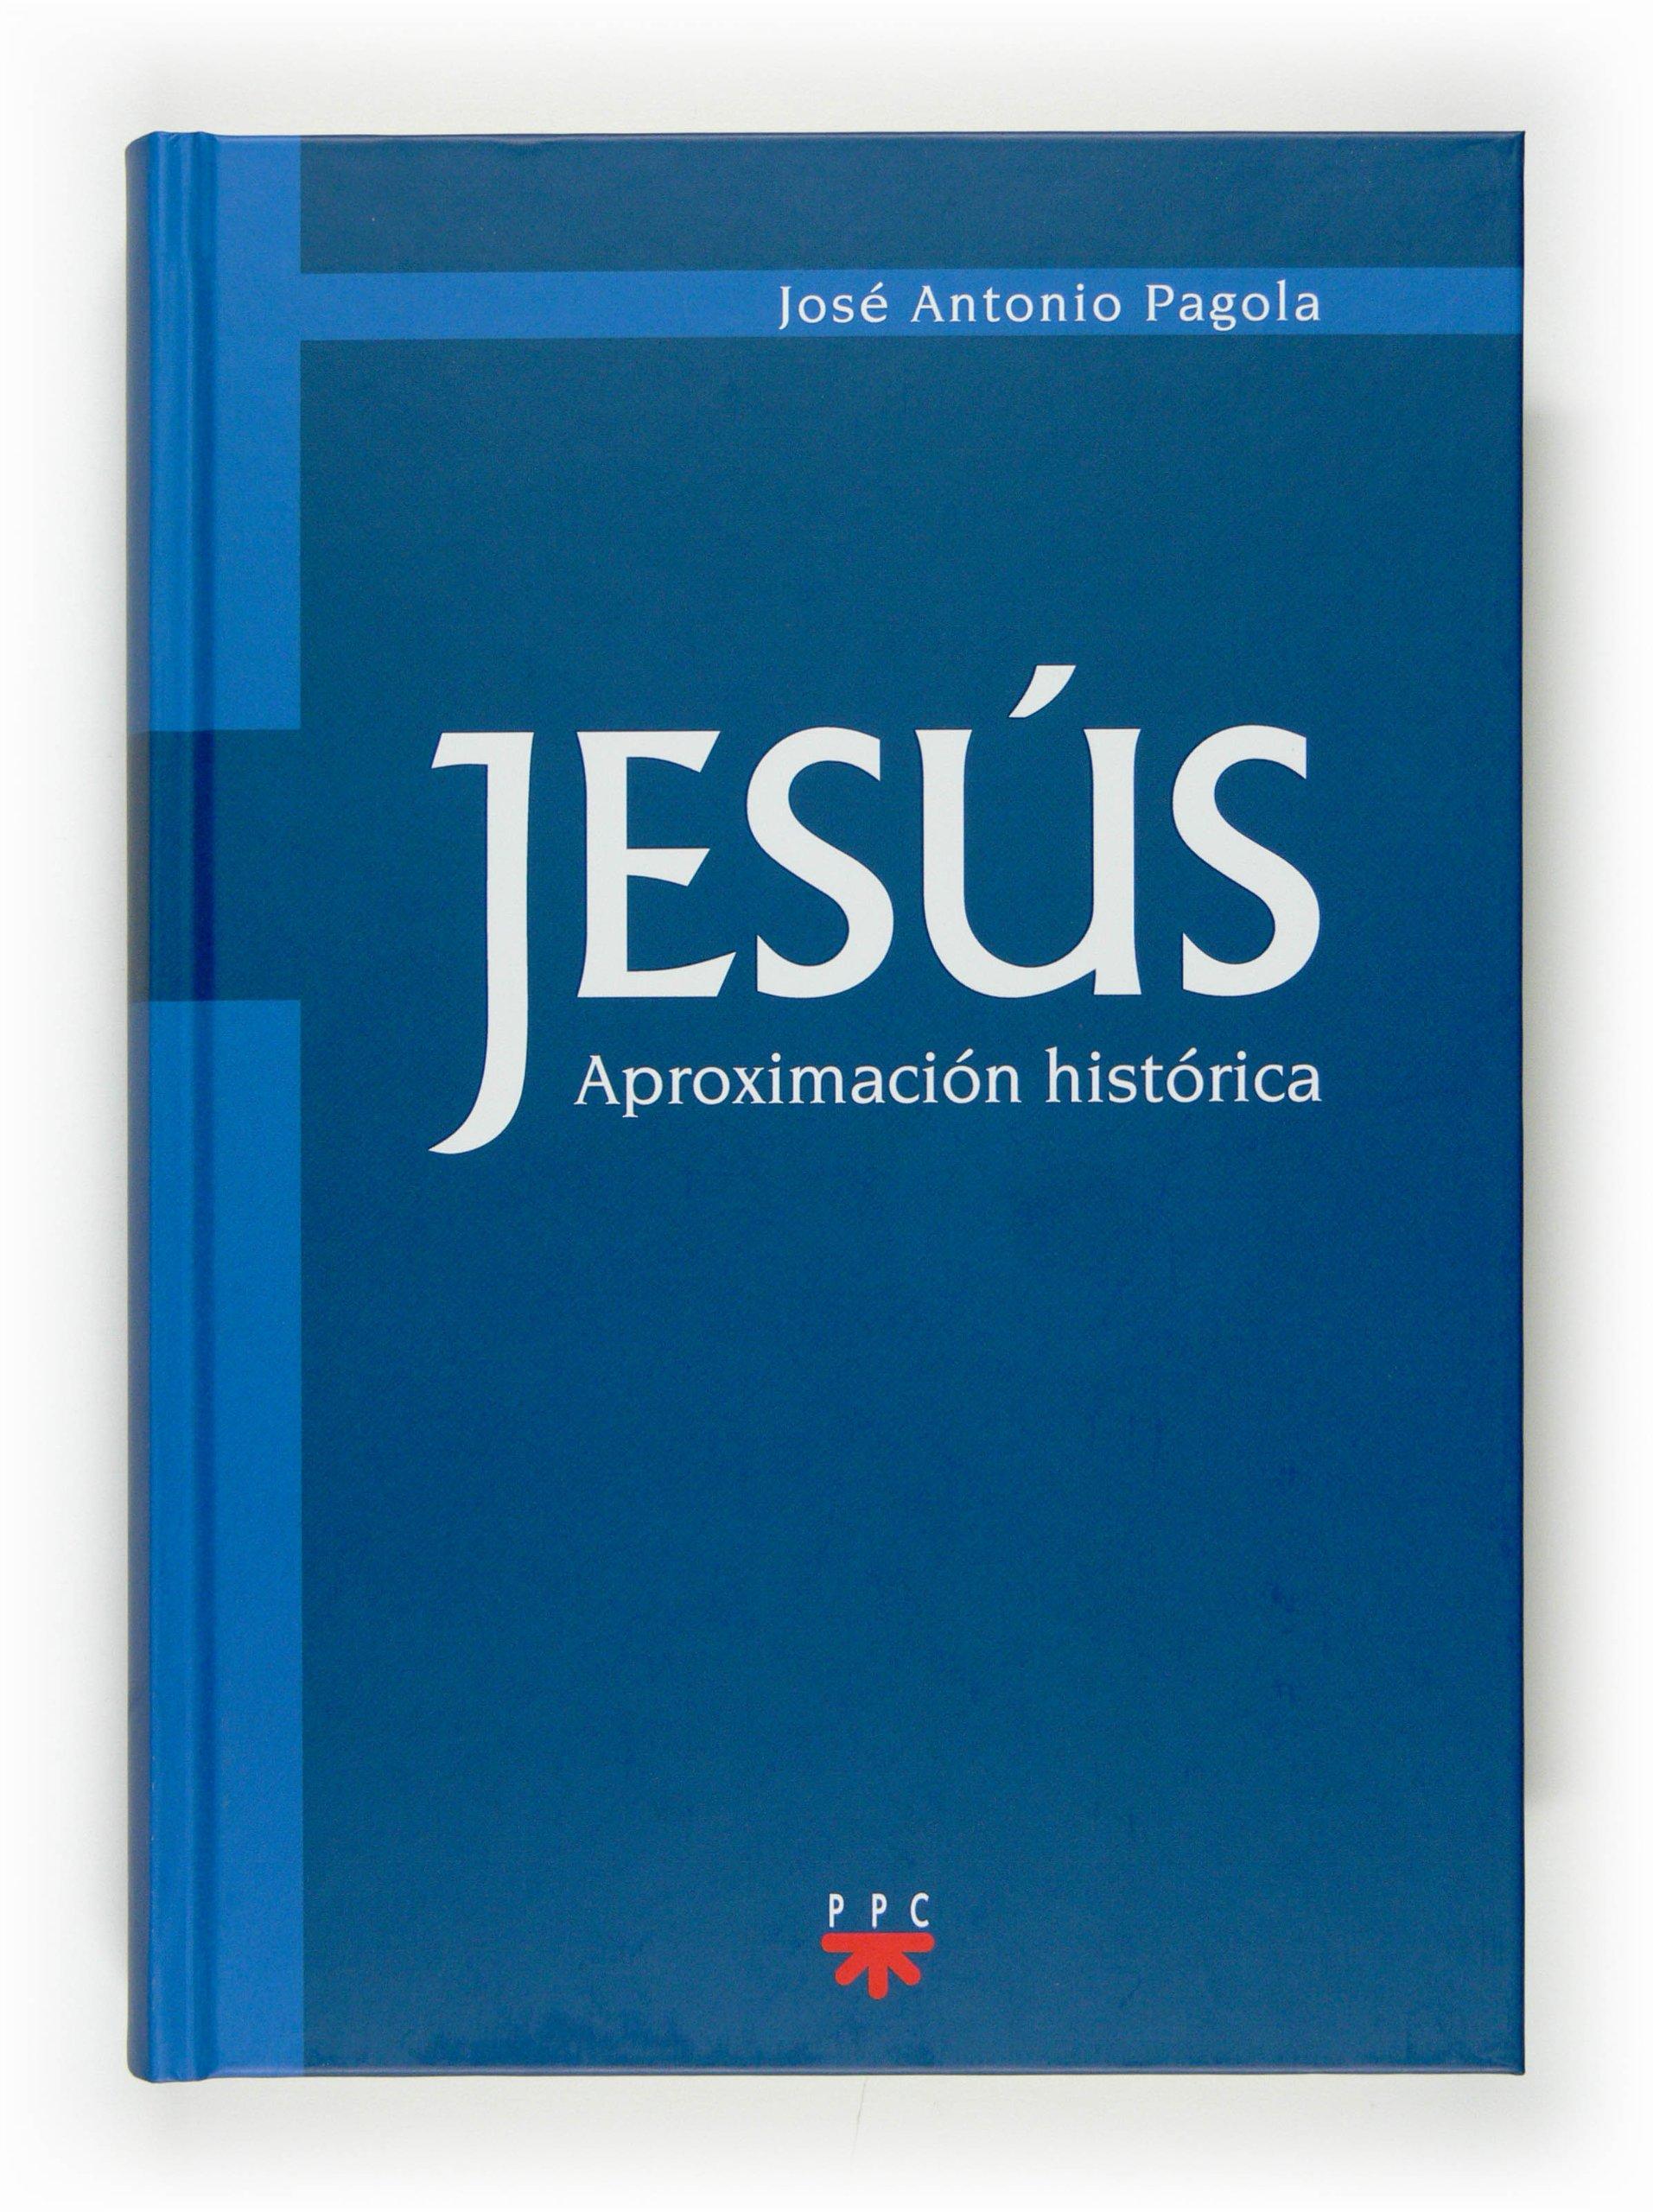 Follow the Author. José Antonio Pagola